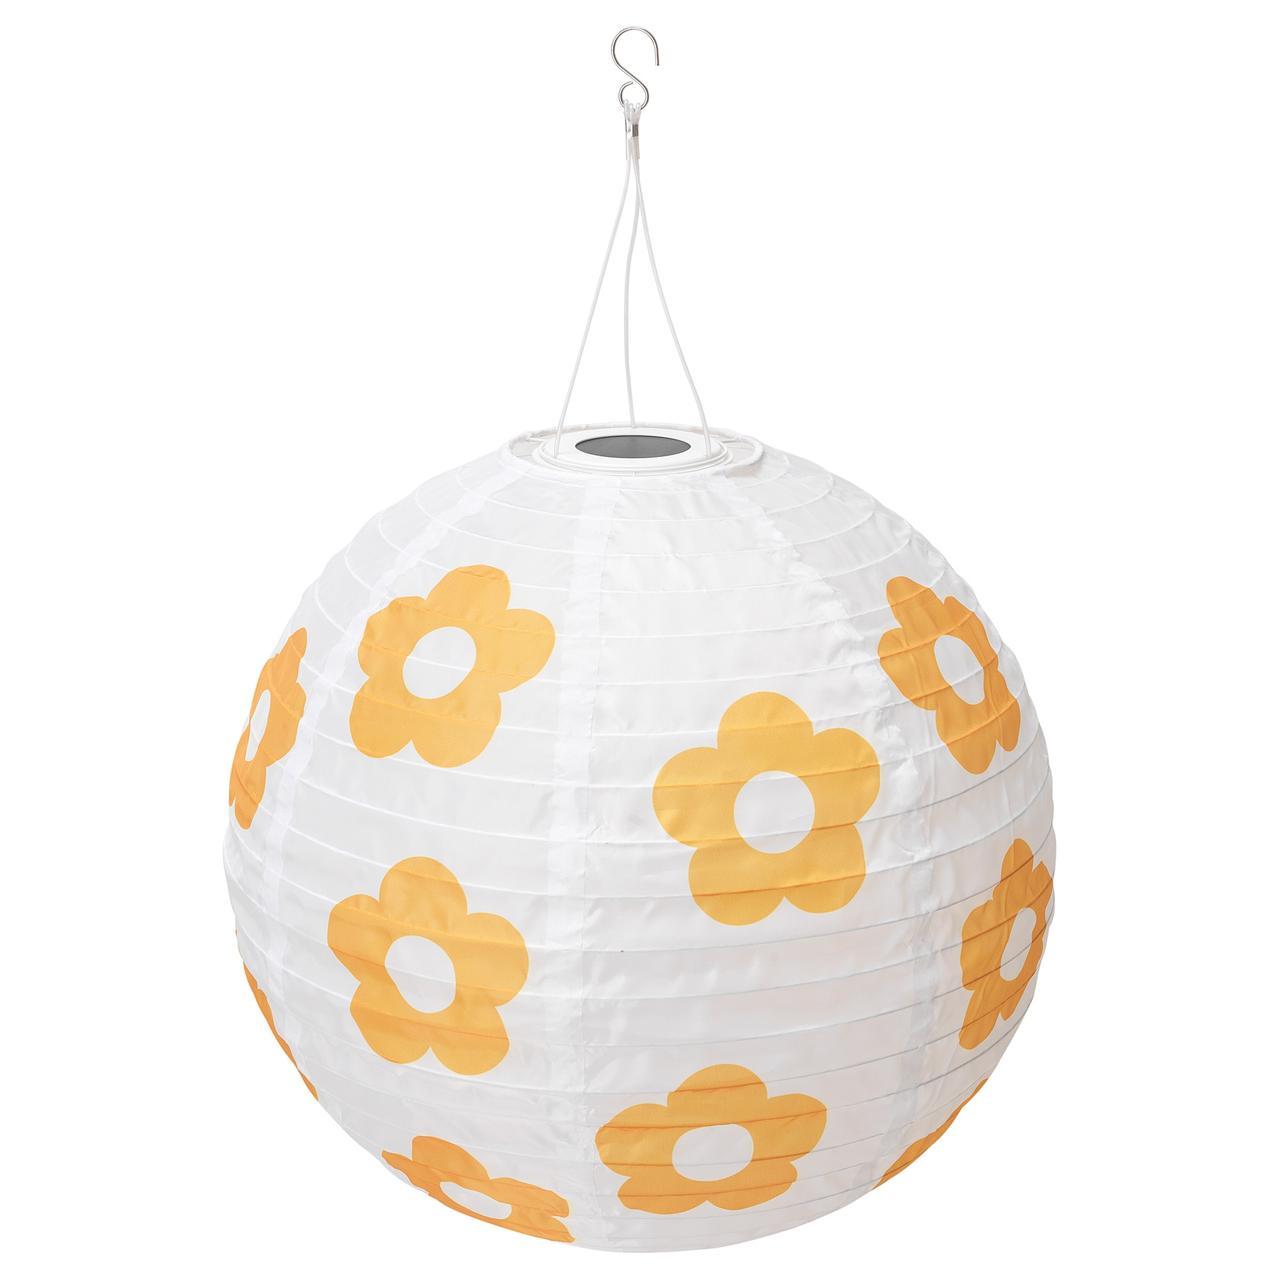 СОЛВИДЕН Подвесная светодиодная лампа, для сада шаровидный, цветочный орнамент желтый